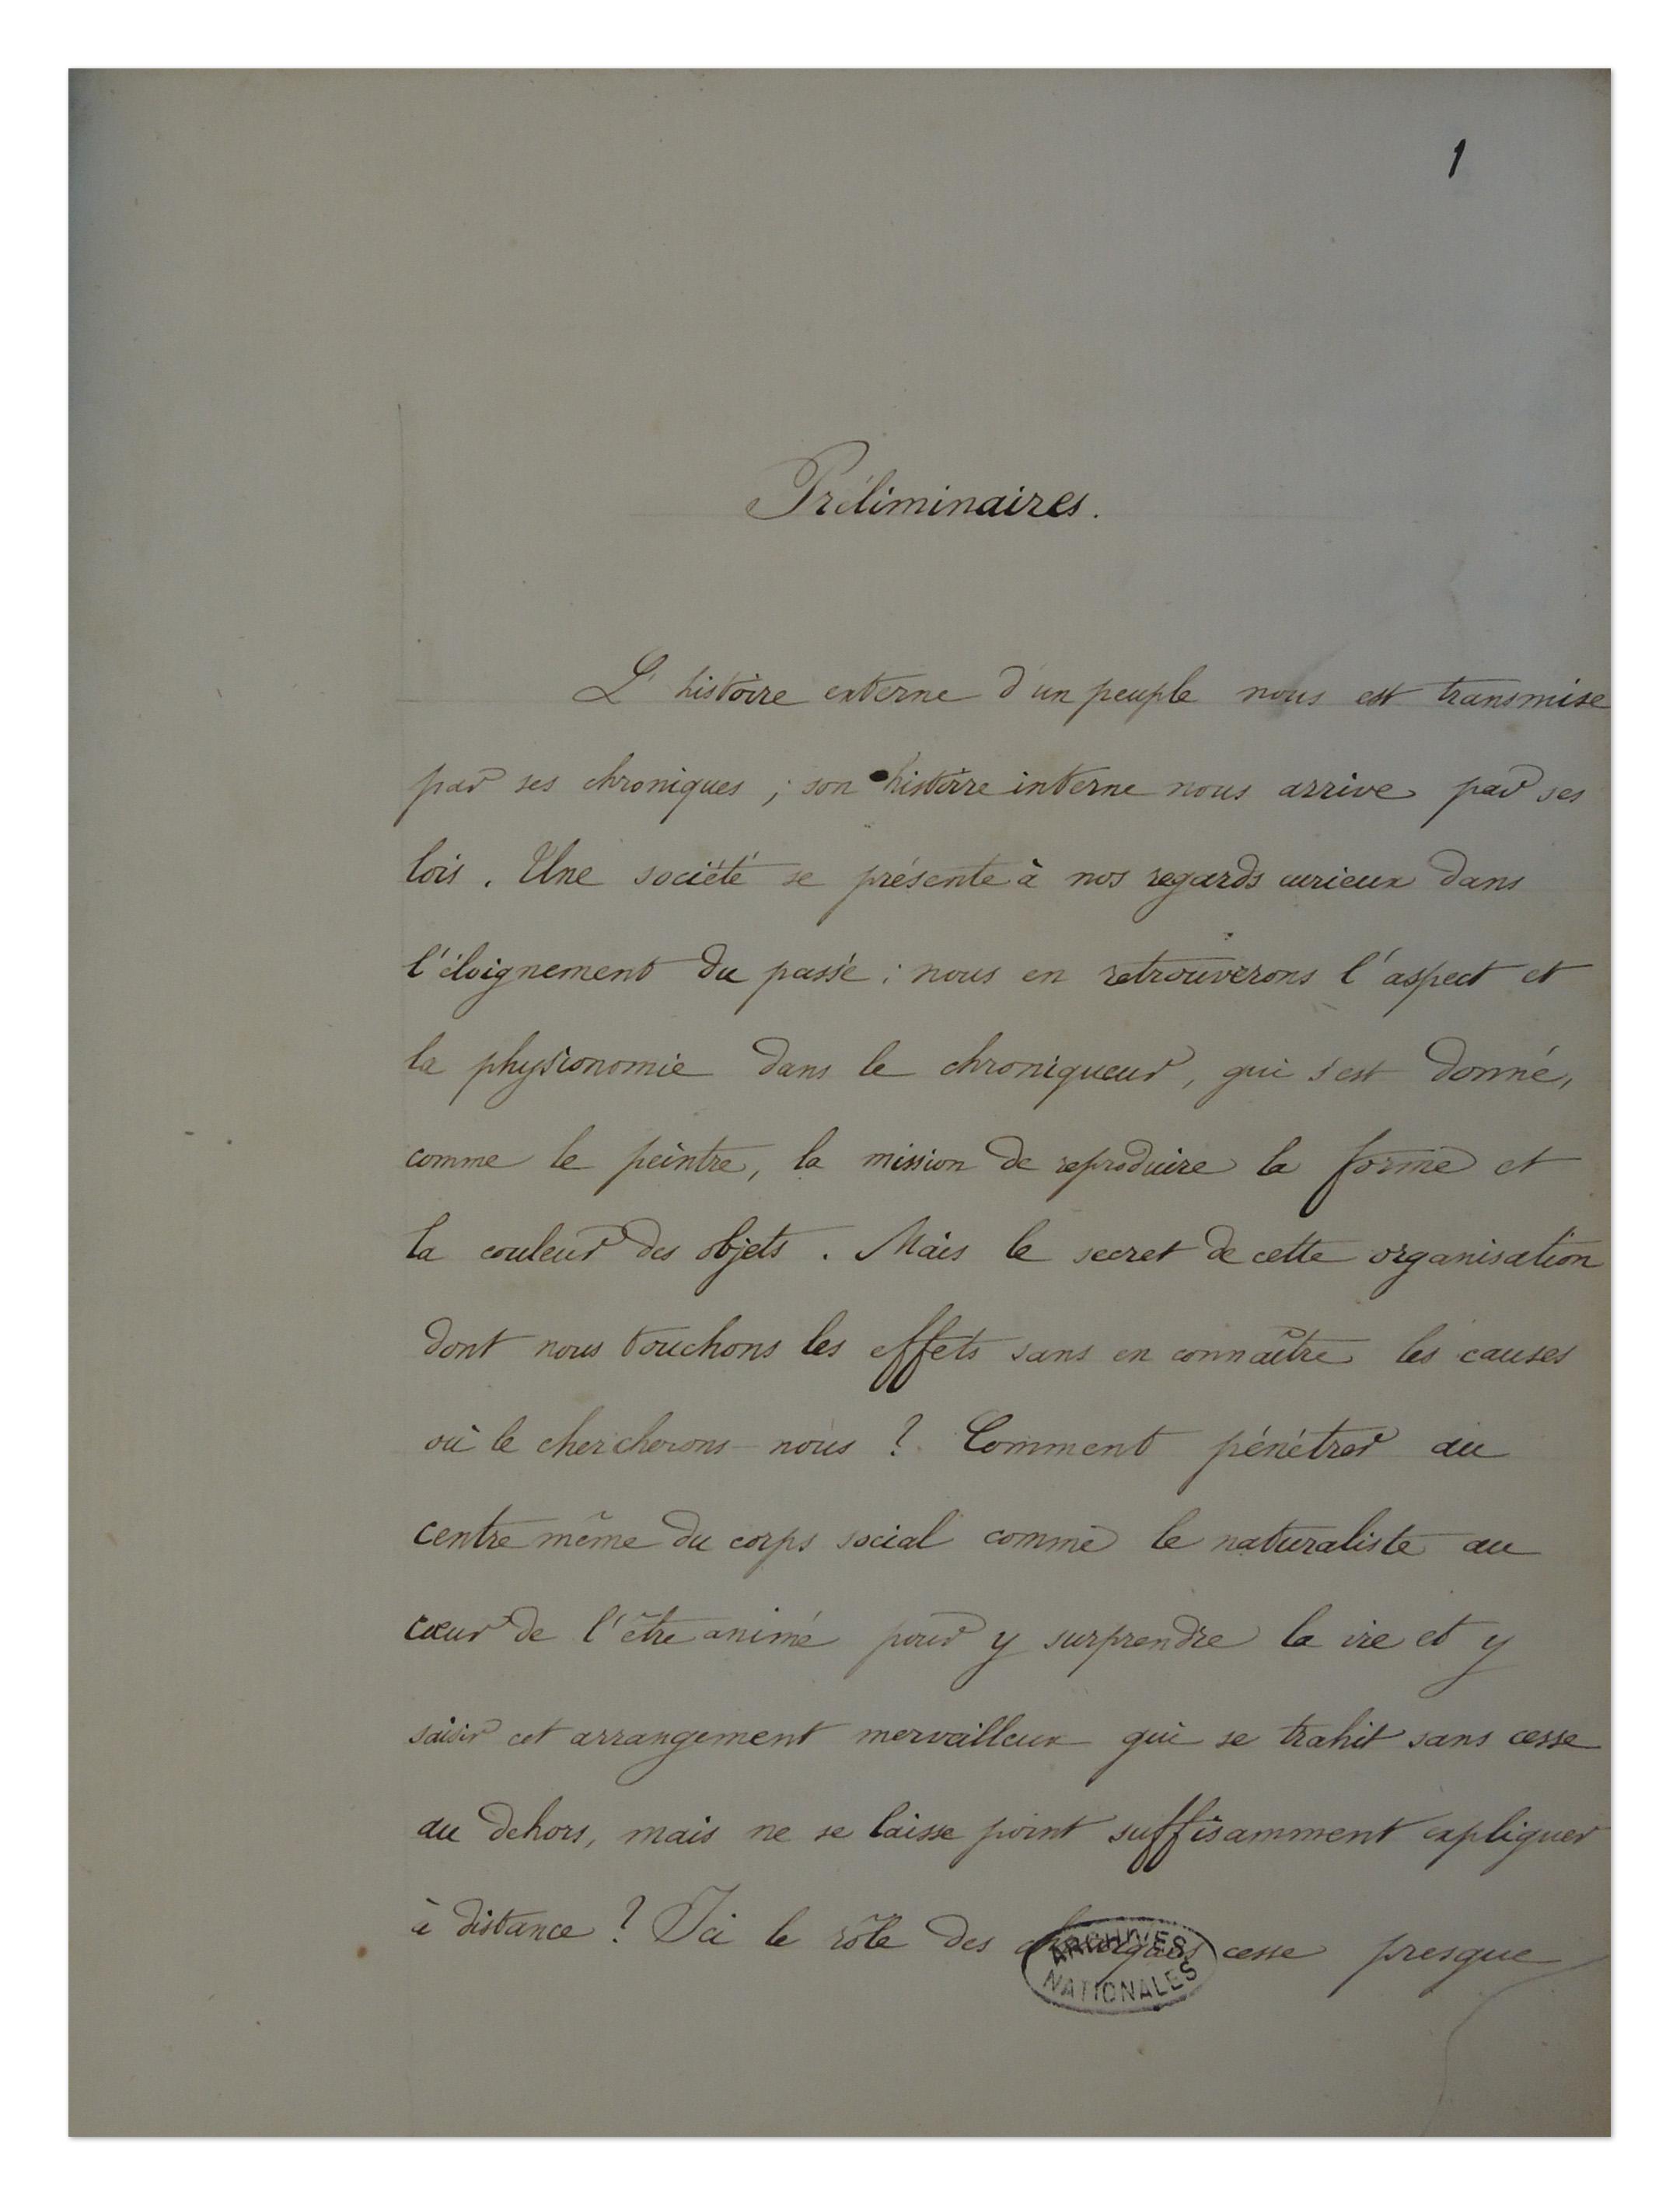 Première page des préliminaires de la thèse de l'Ecole des chartes de Paul Viollet